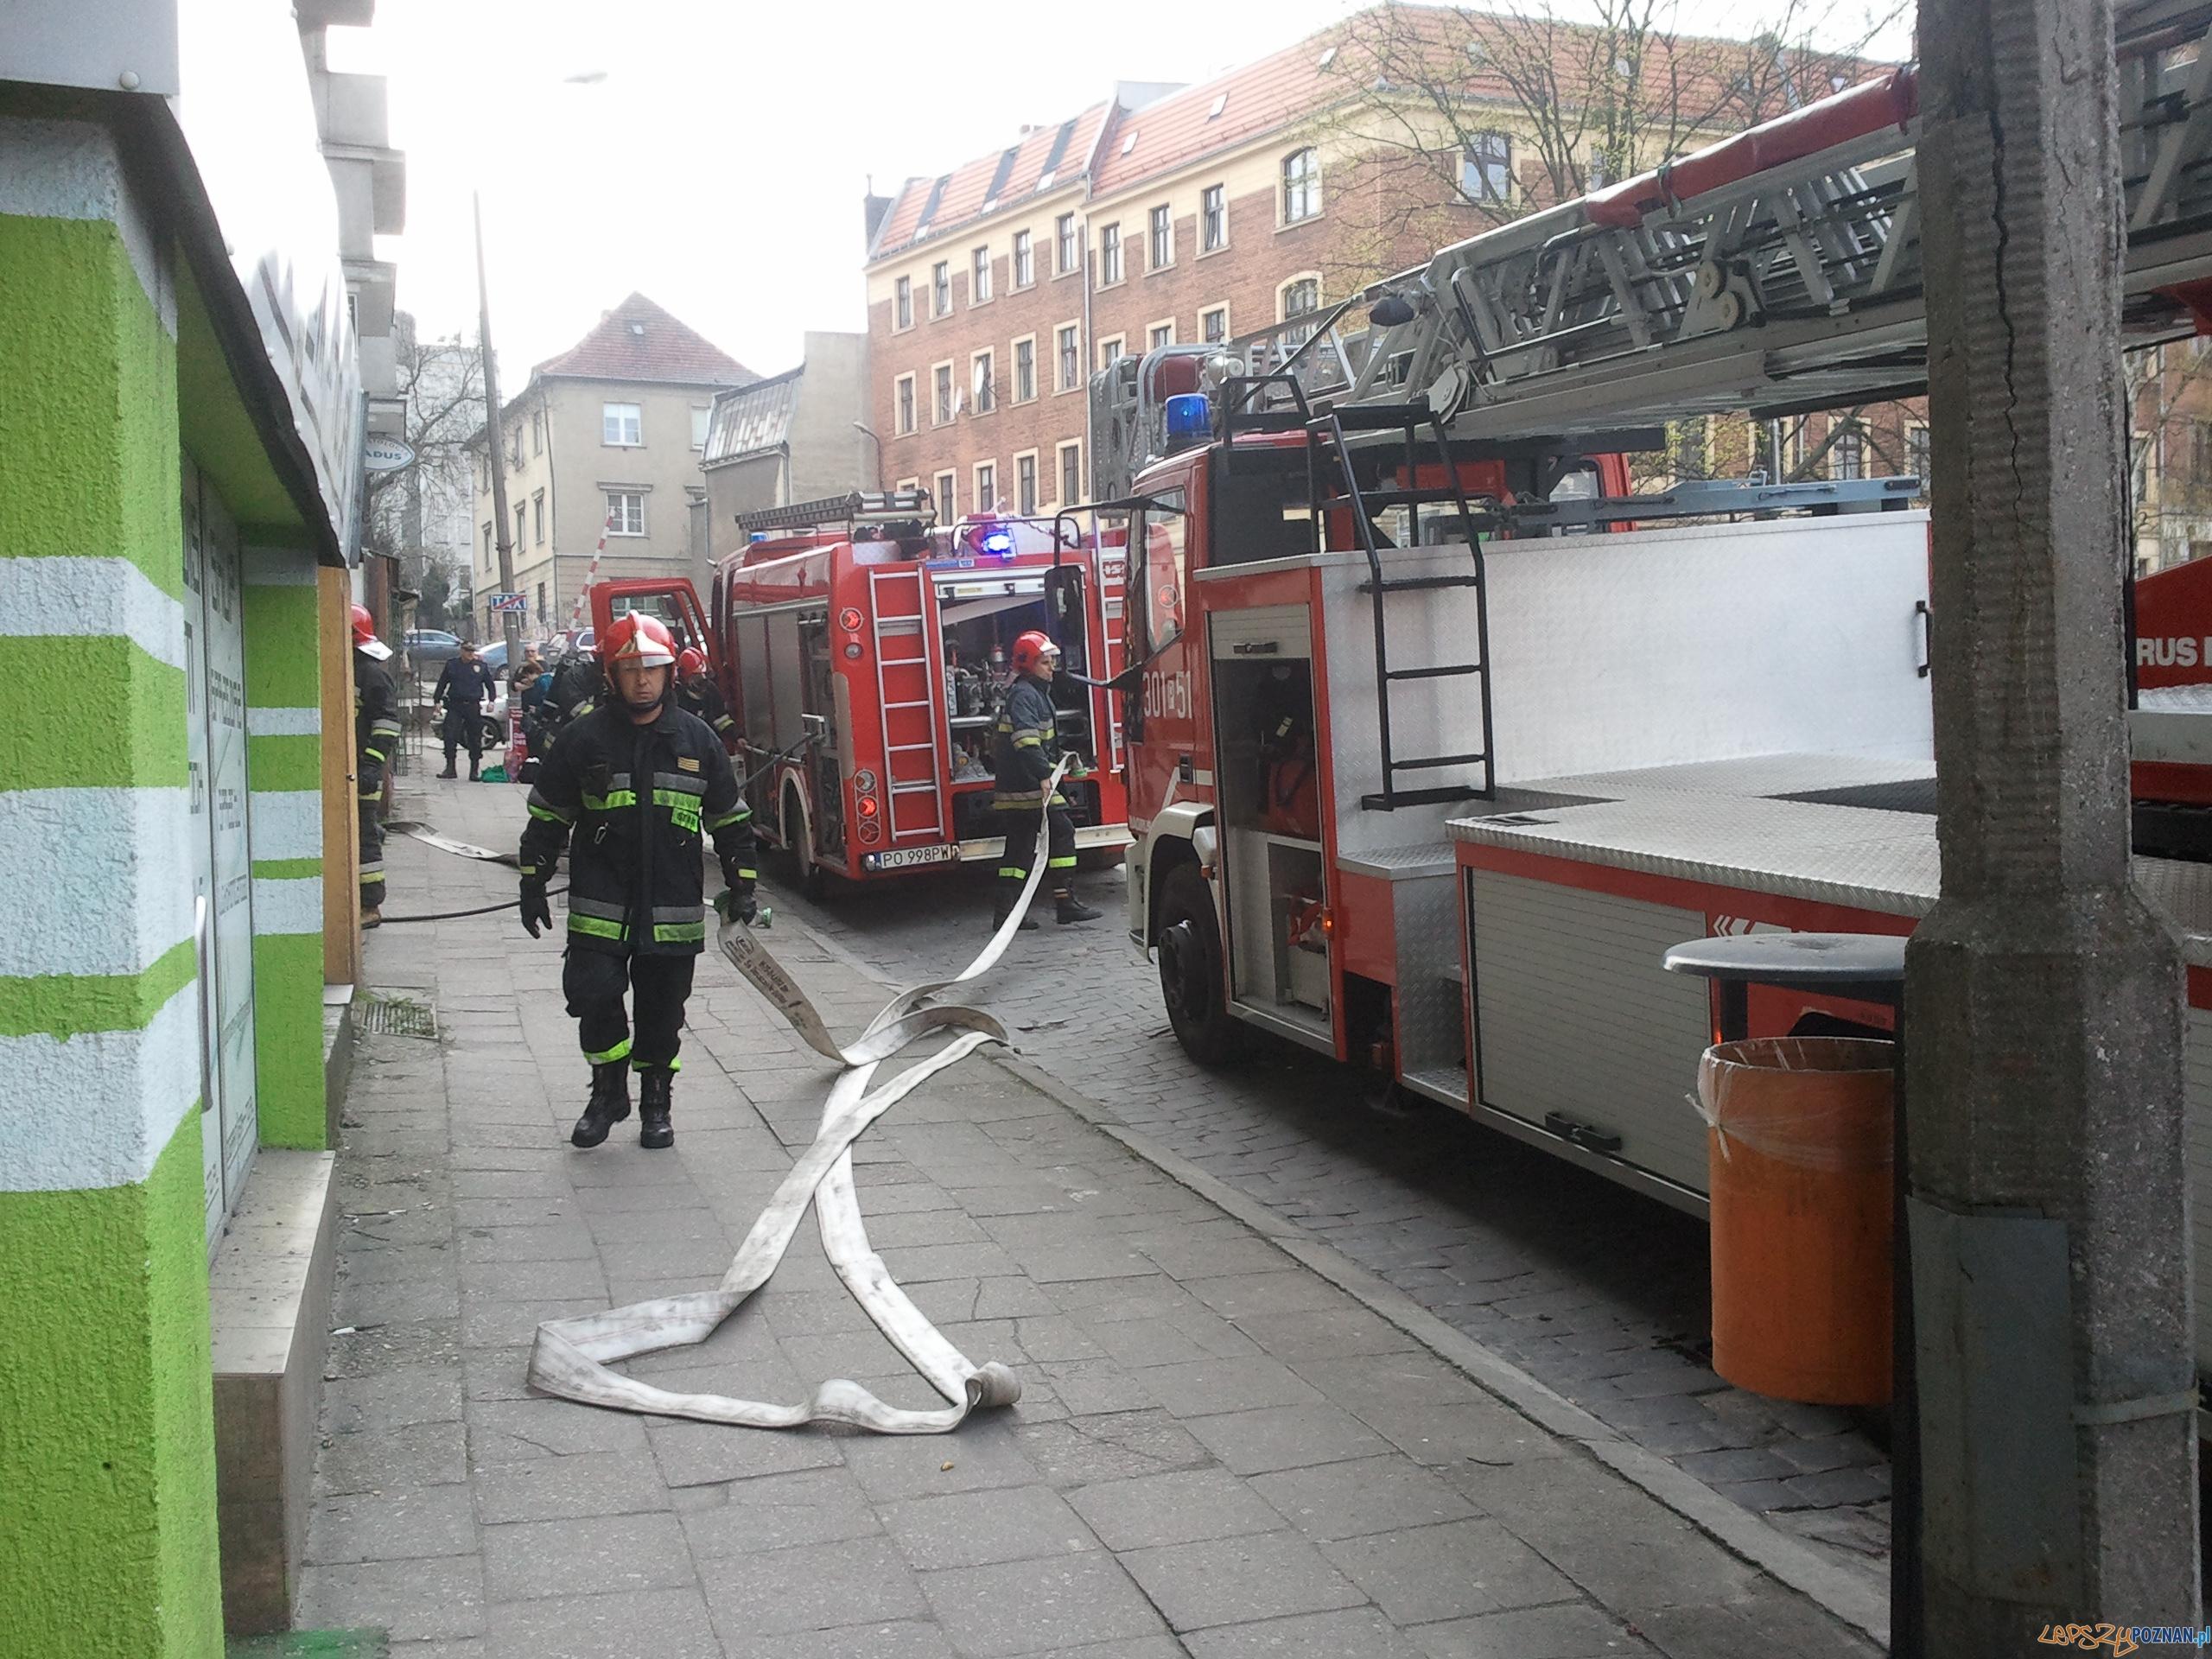 Pracująca Straż Pożarna na ulicy Szymańskiego 8  Foto: Piotr